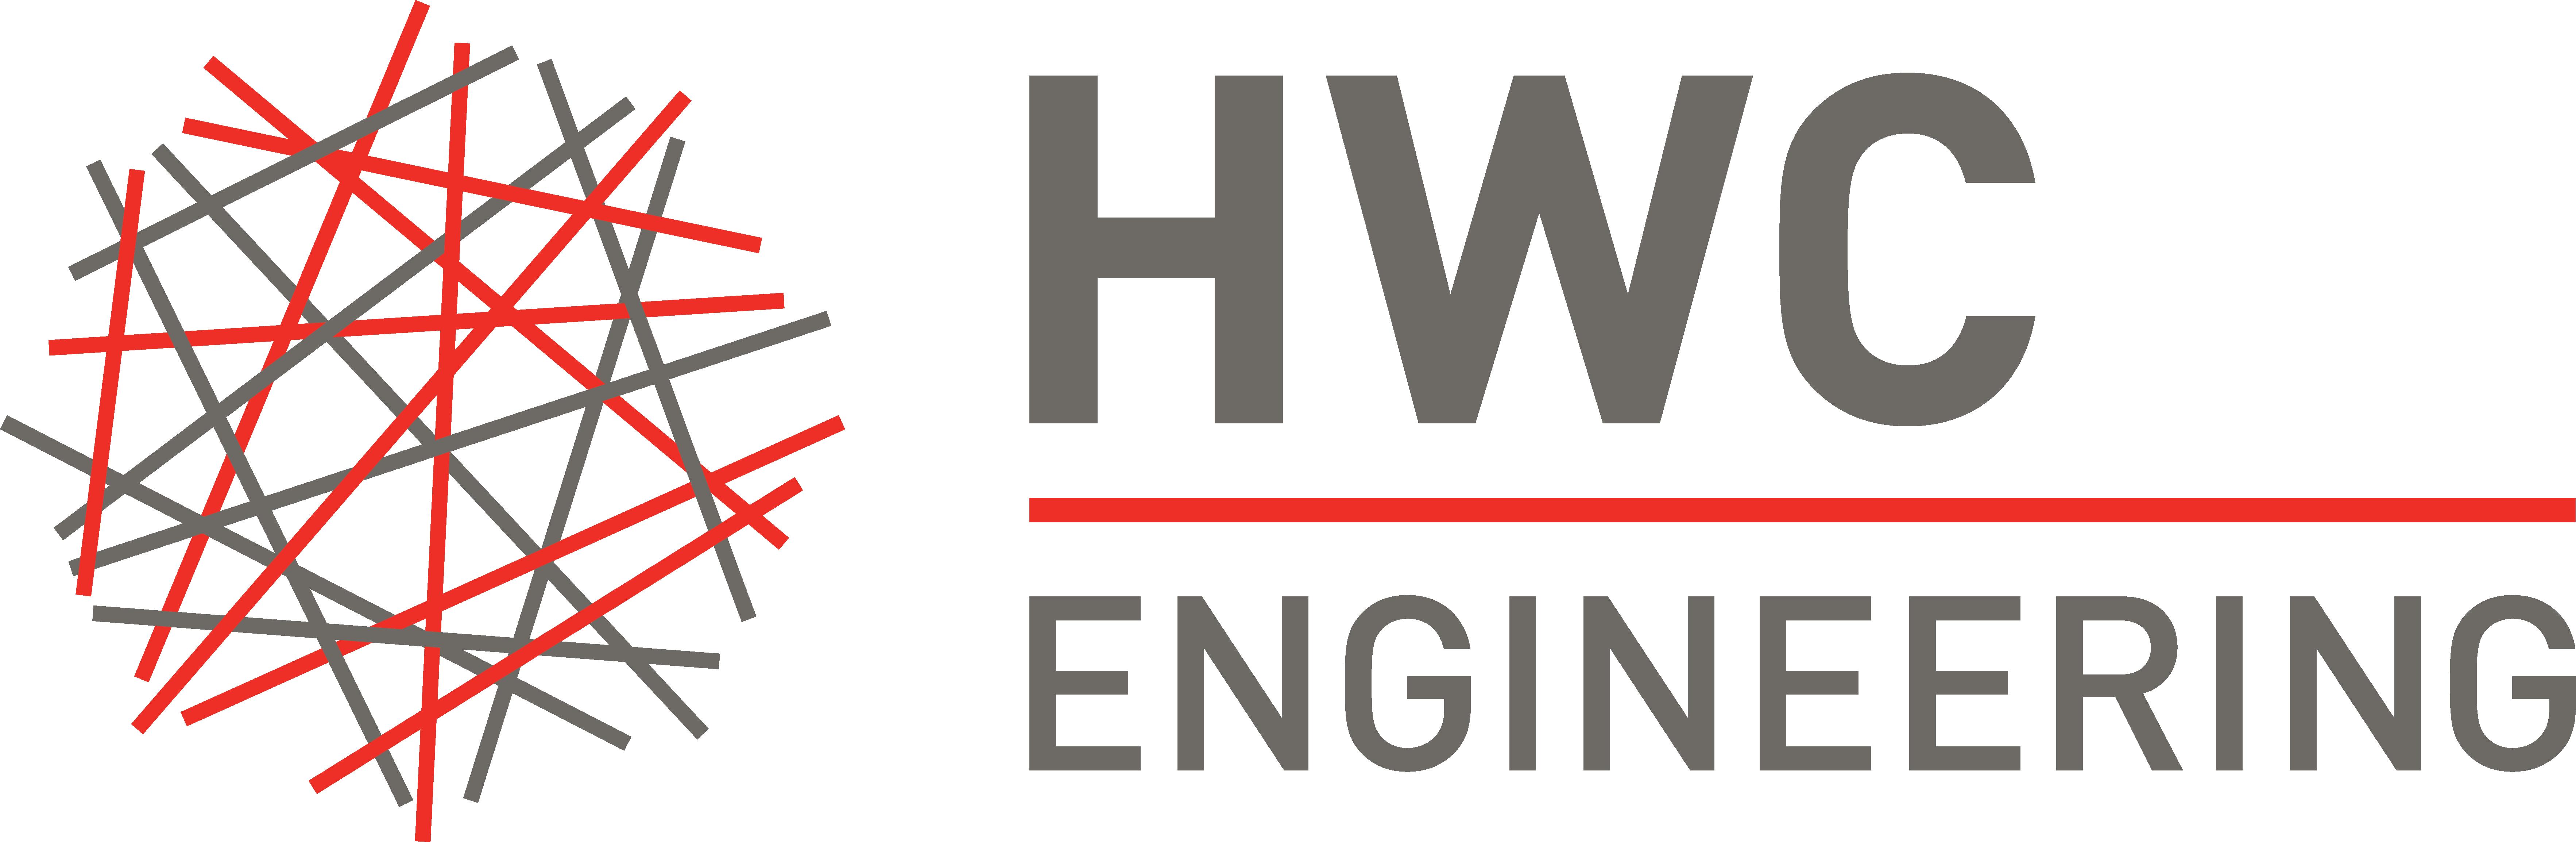 HWC.png